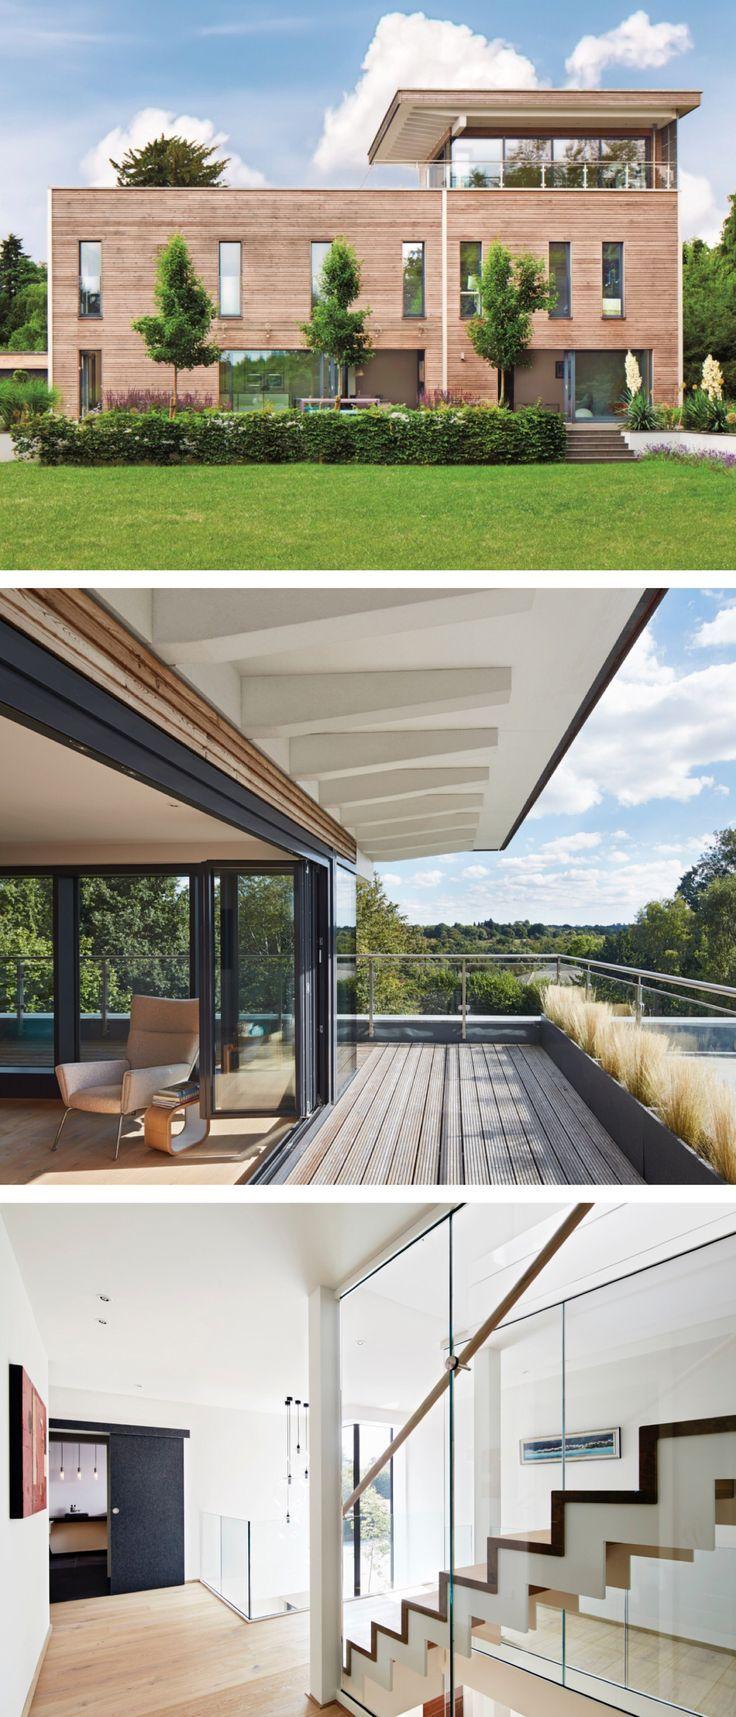 Stadtvilla modern mit Flachdach Architektur, Holz Fassade ...